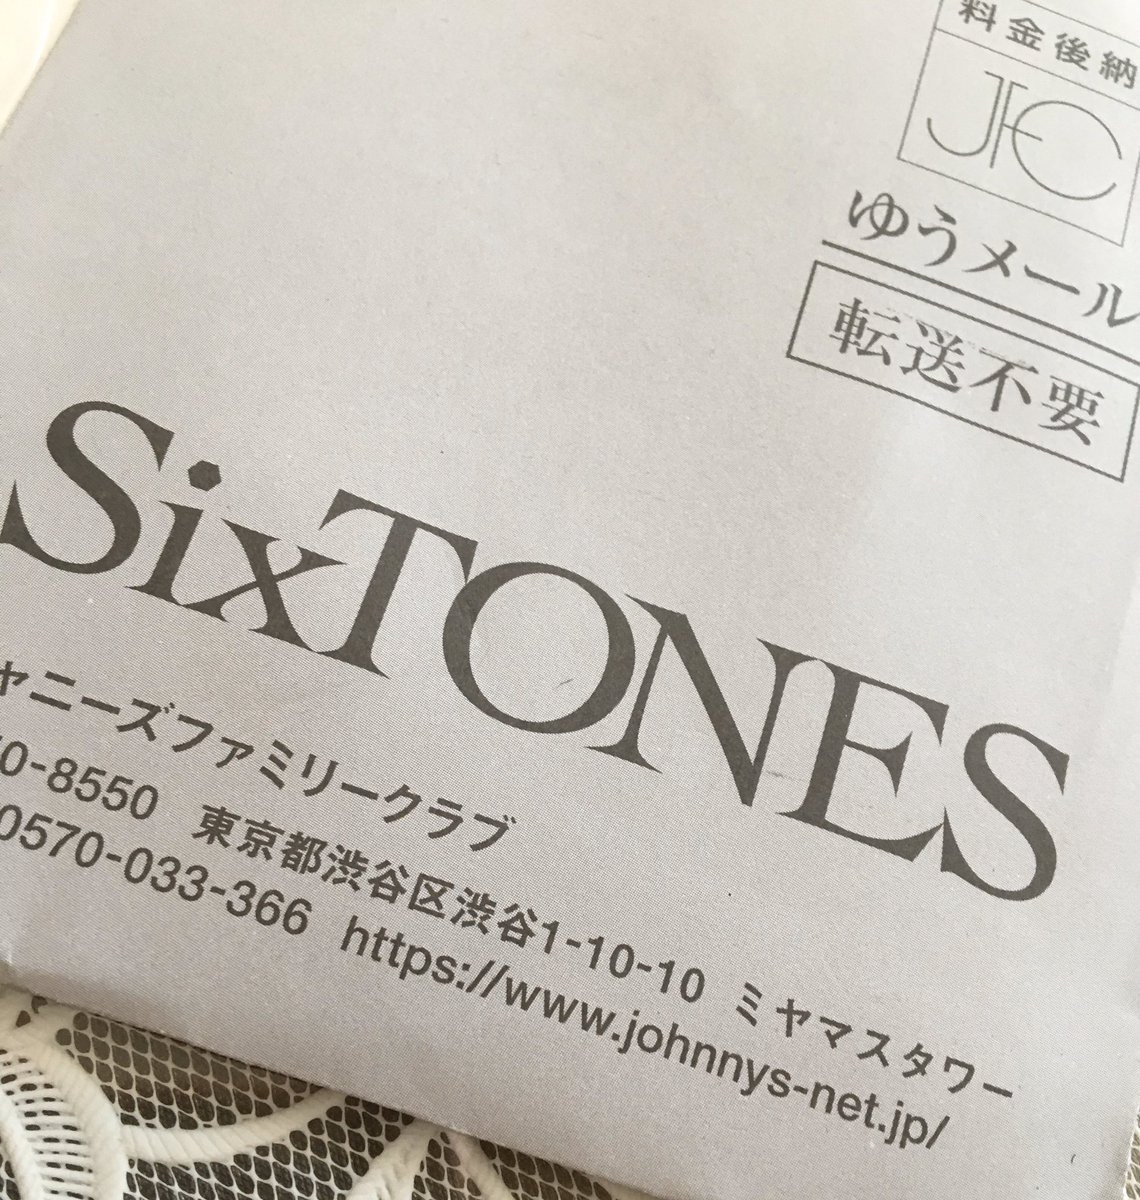 ない Sixtones 会員 証 届か